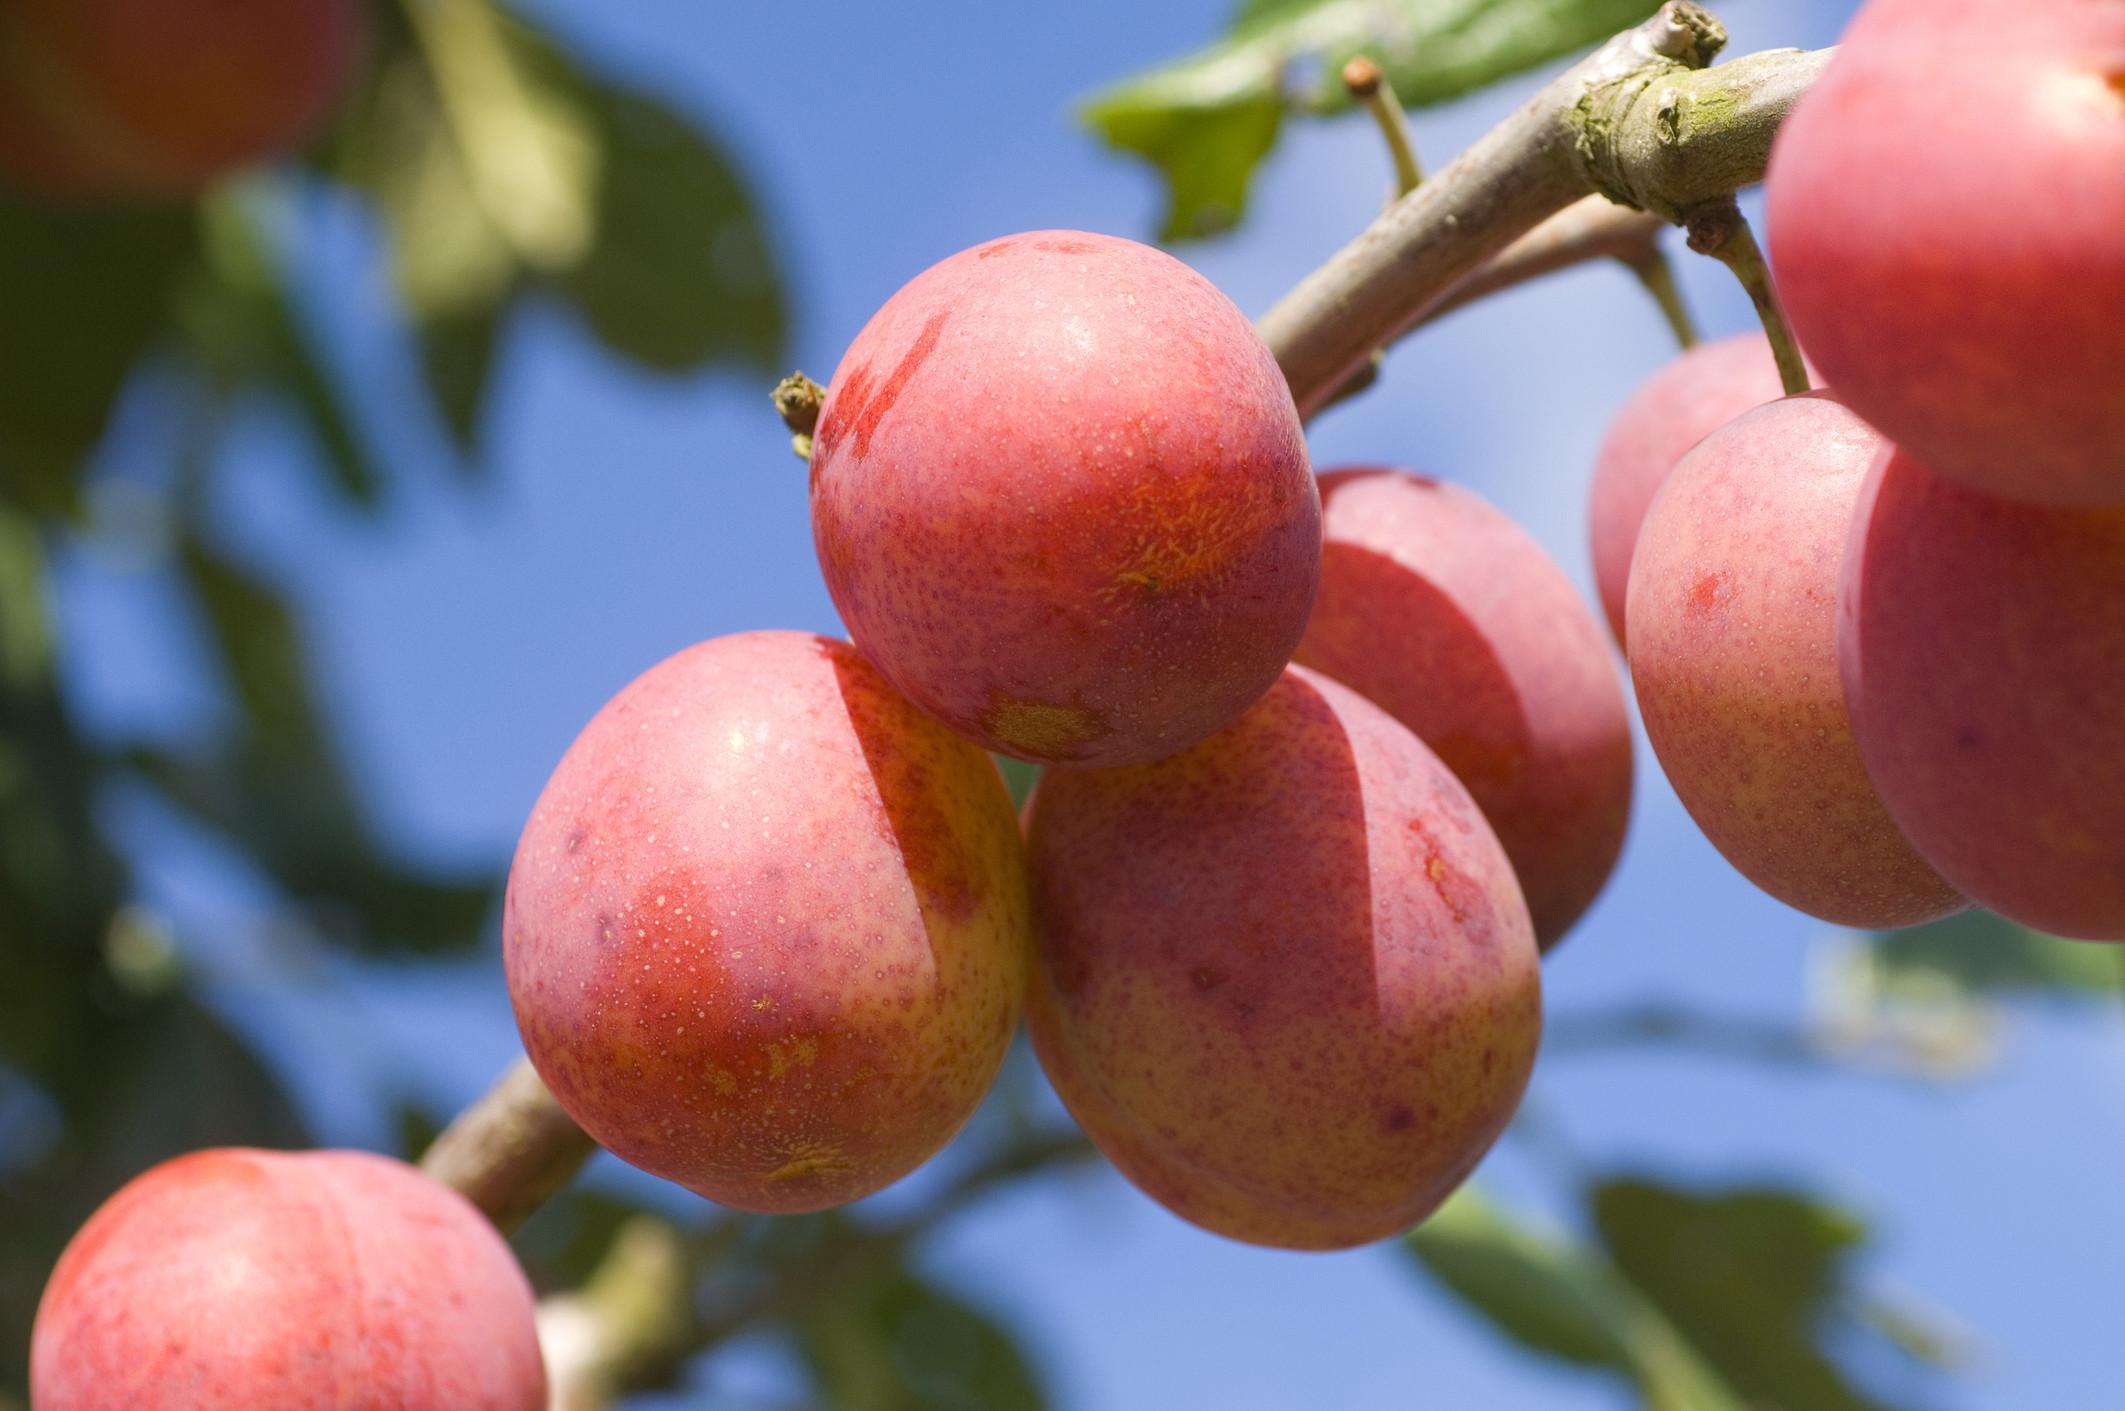 Выращивание гибрида персика и сливы